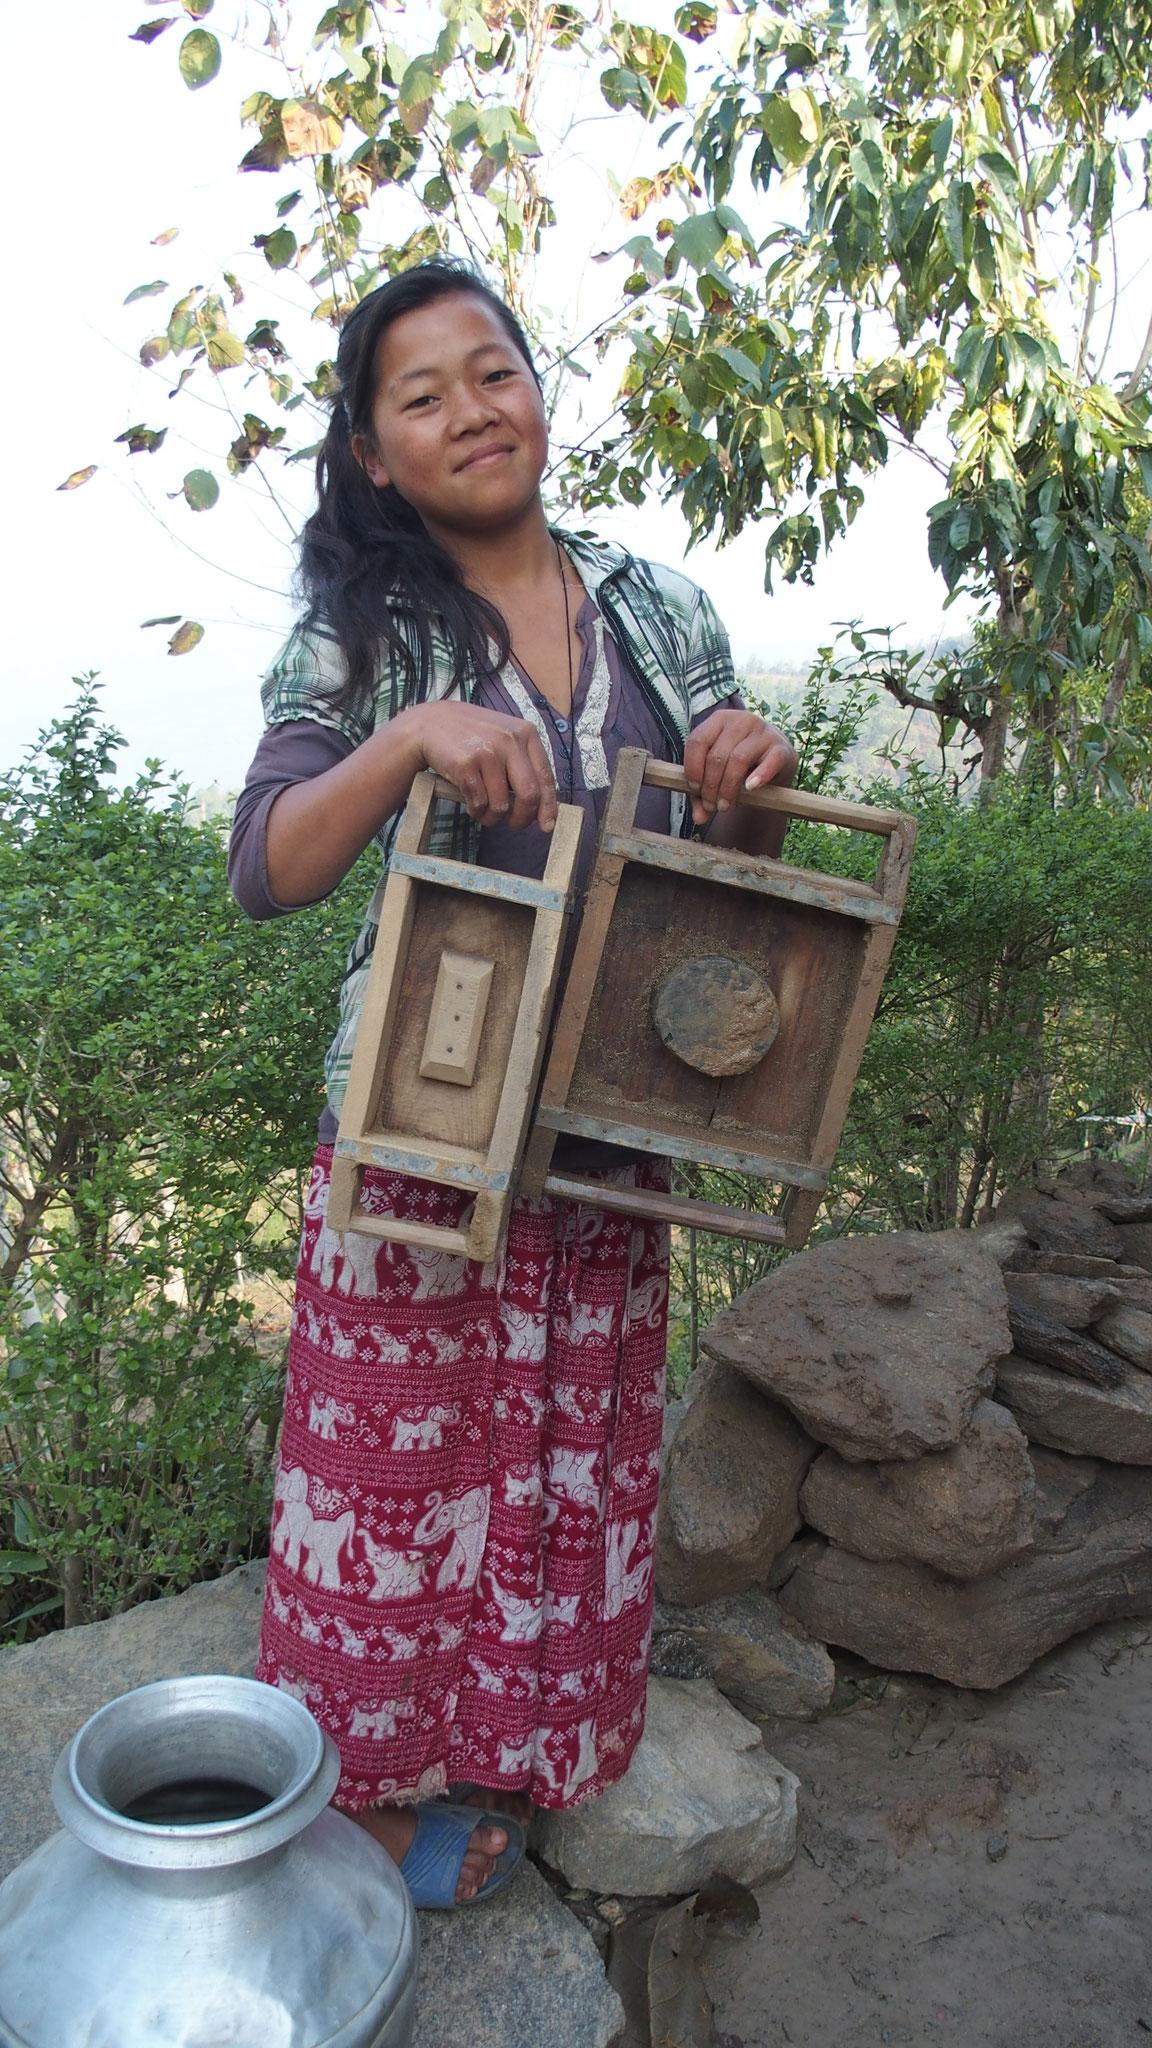 2017 février mars, les villageois fabriquent des briques crues à l'aide de ces 2 moules